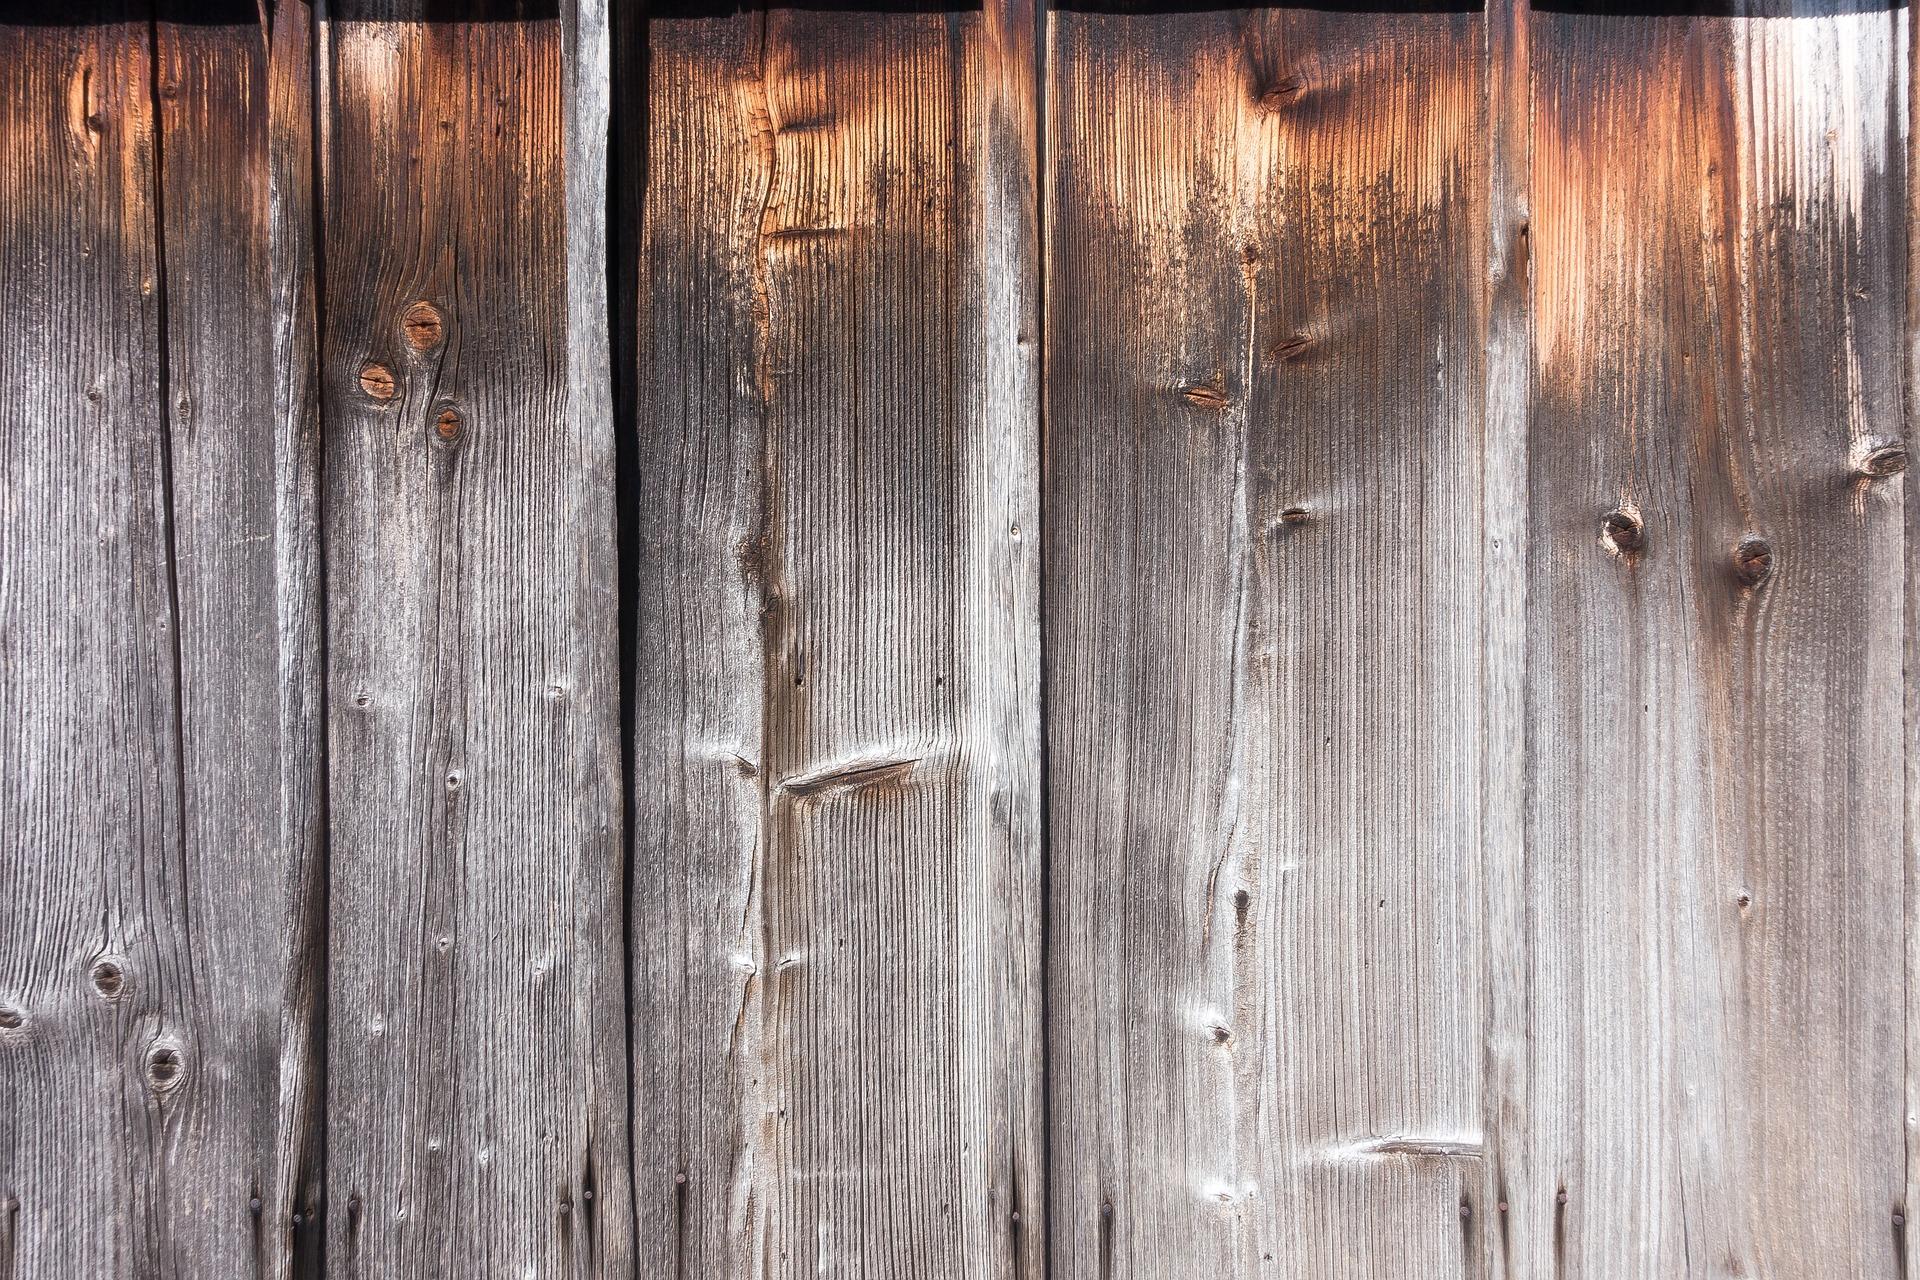 wood-1263022_1920